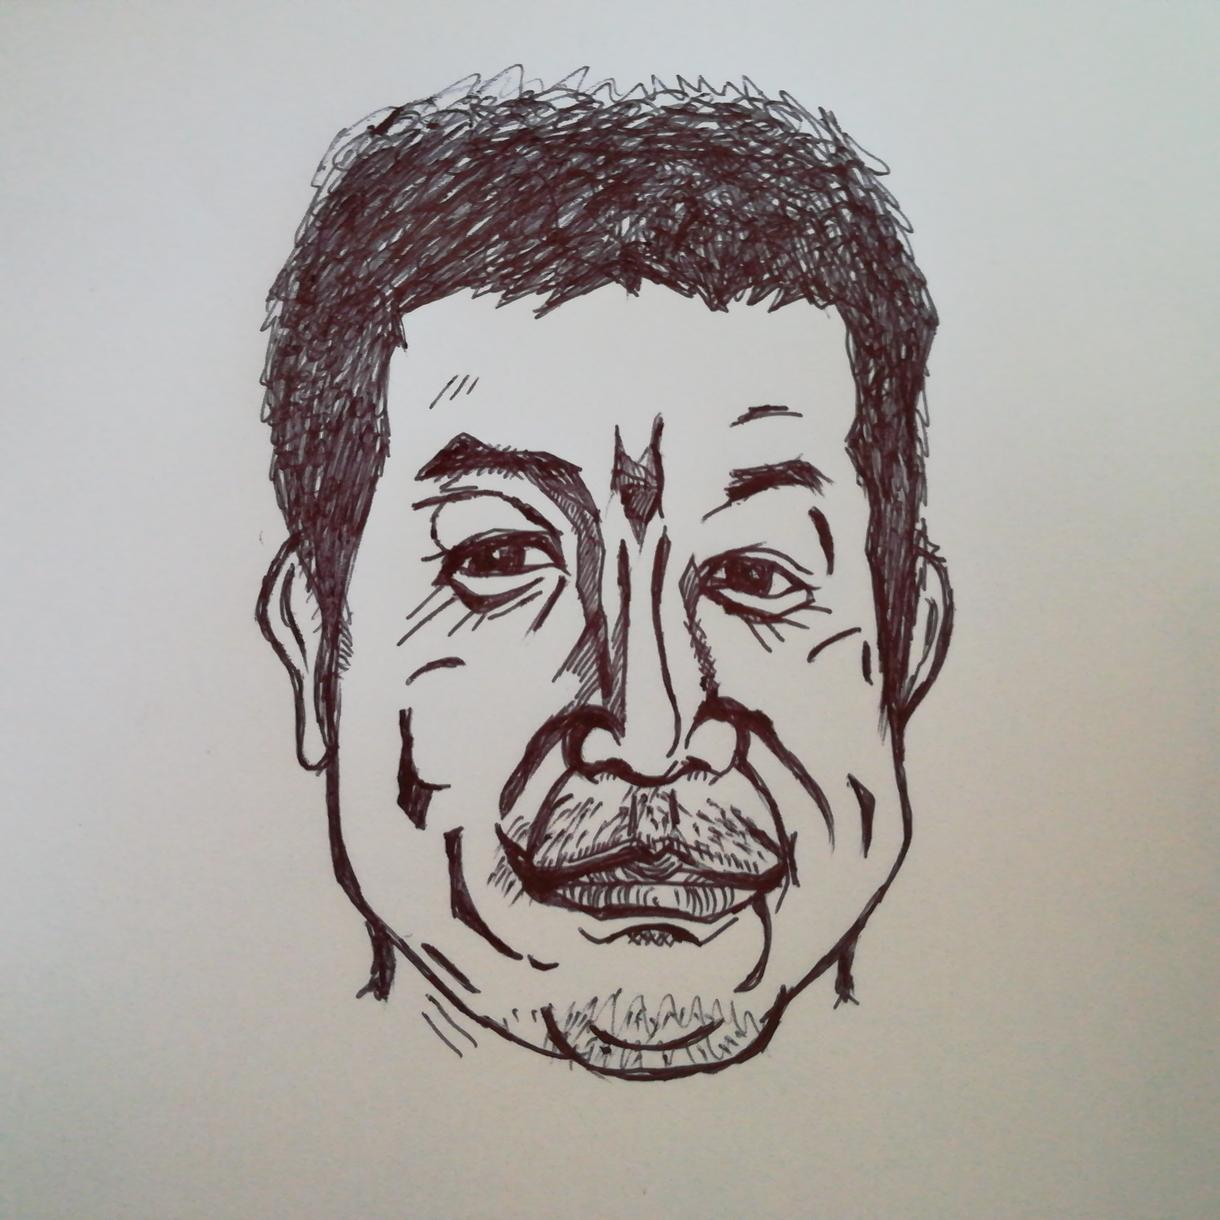 失礼でシンプルで少しデフォルメした似顔絵書きます 自分では見えない特徴等を知りたい方へ